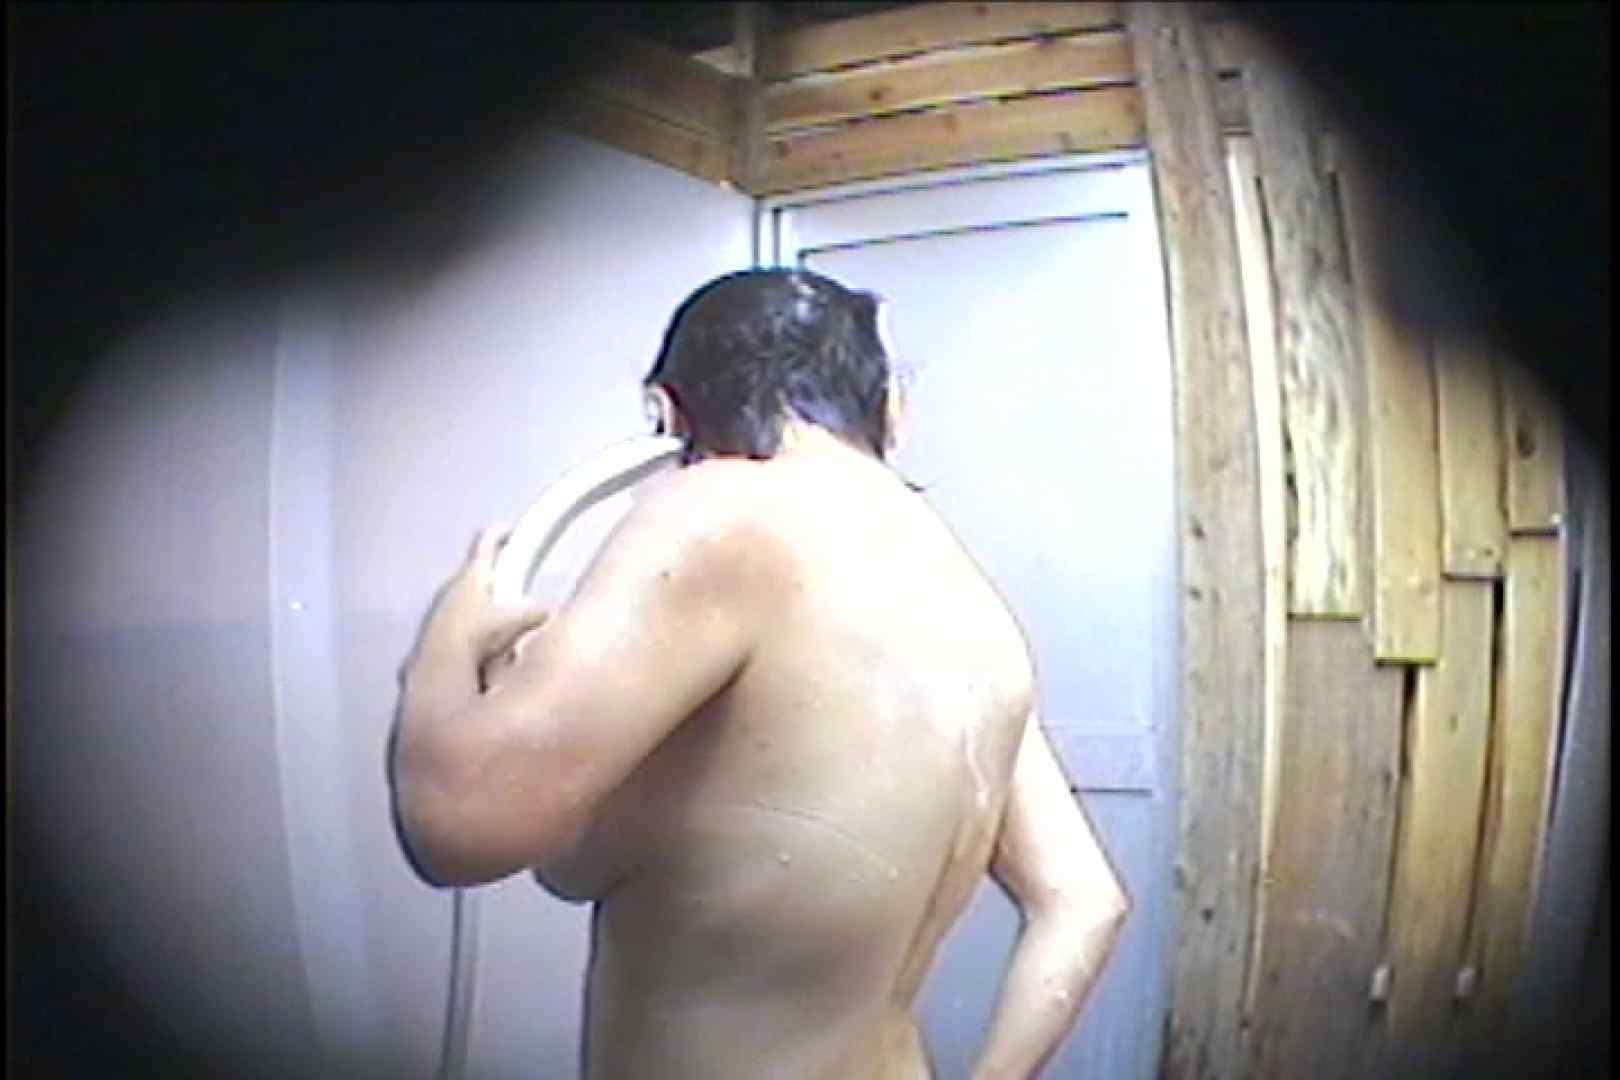 海の家の更衣室 Vol.53 シャワー エロ画像 57枚